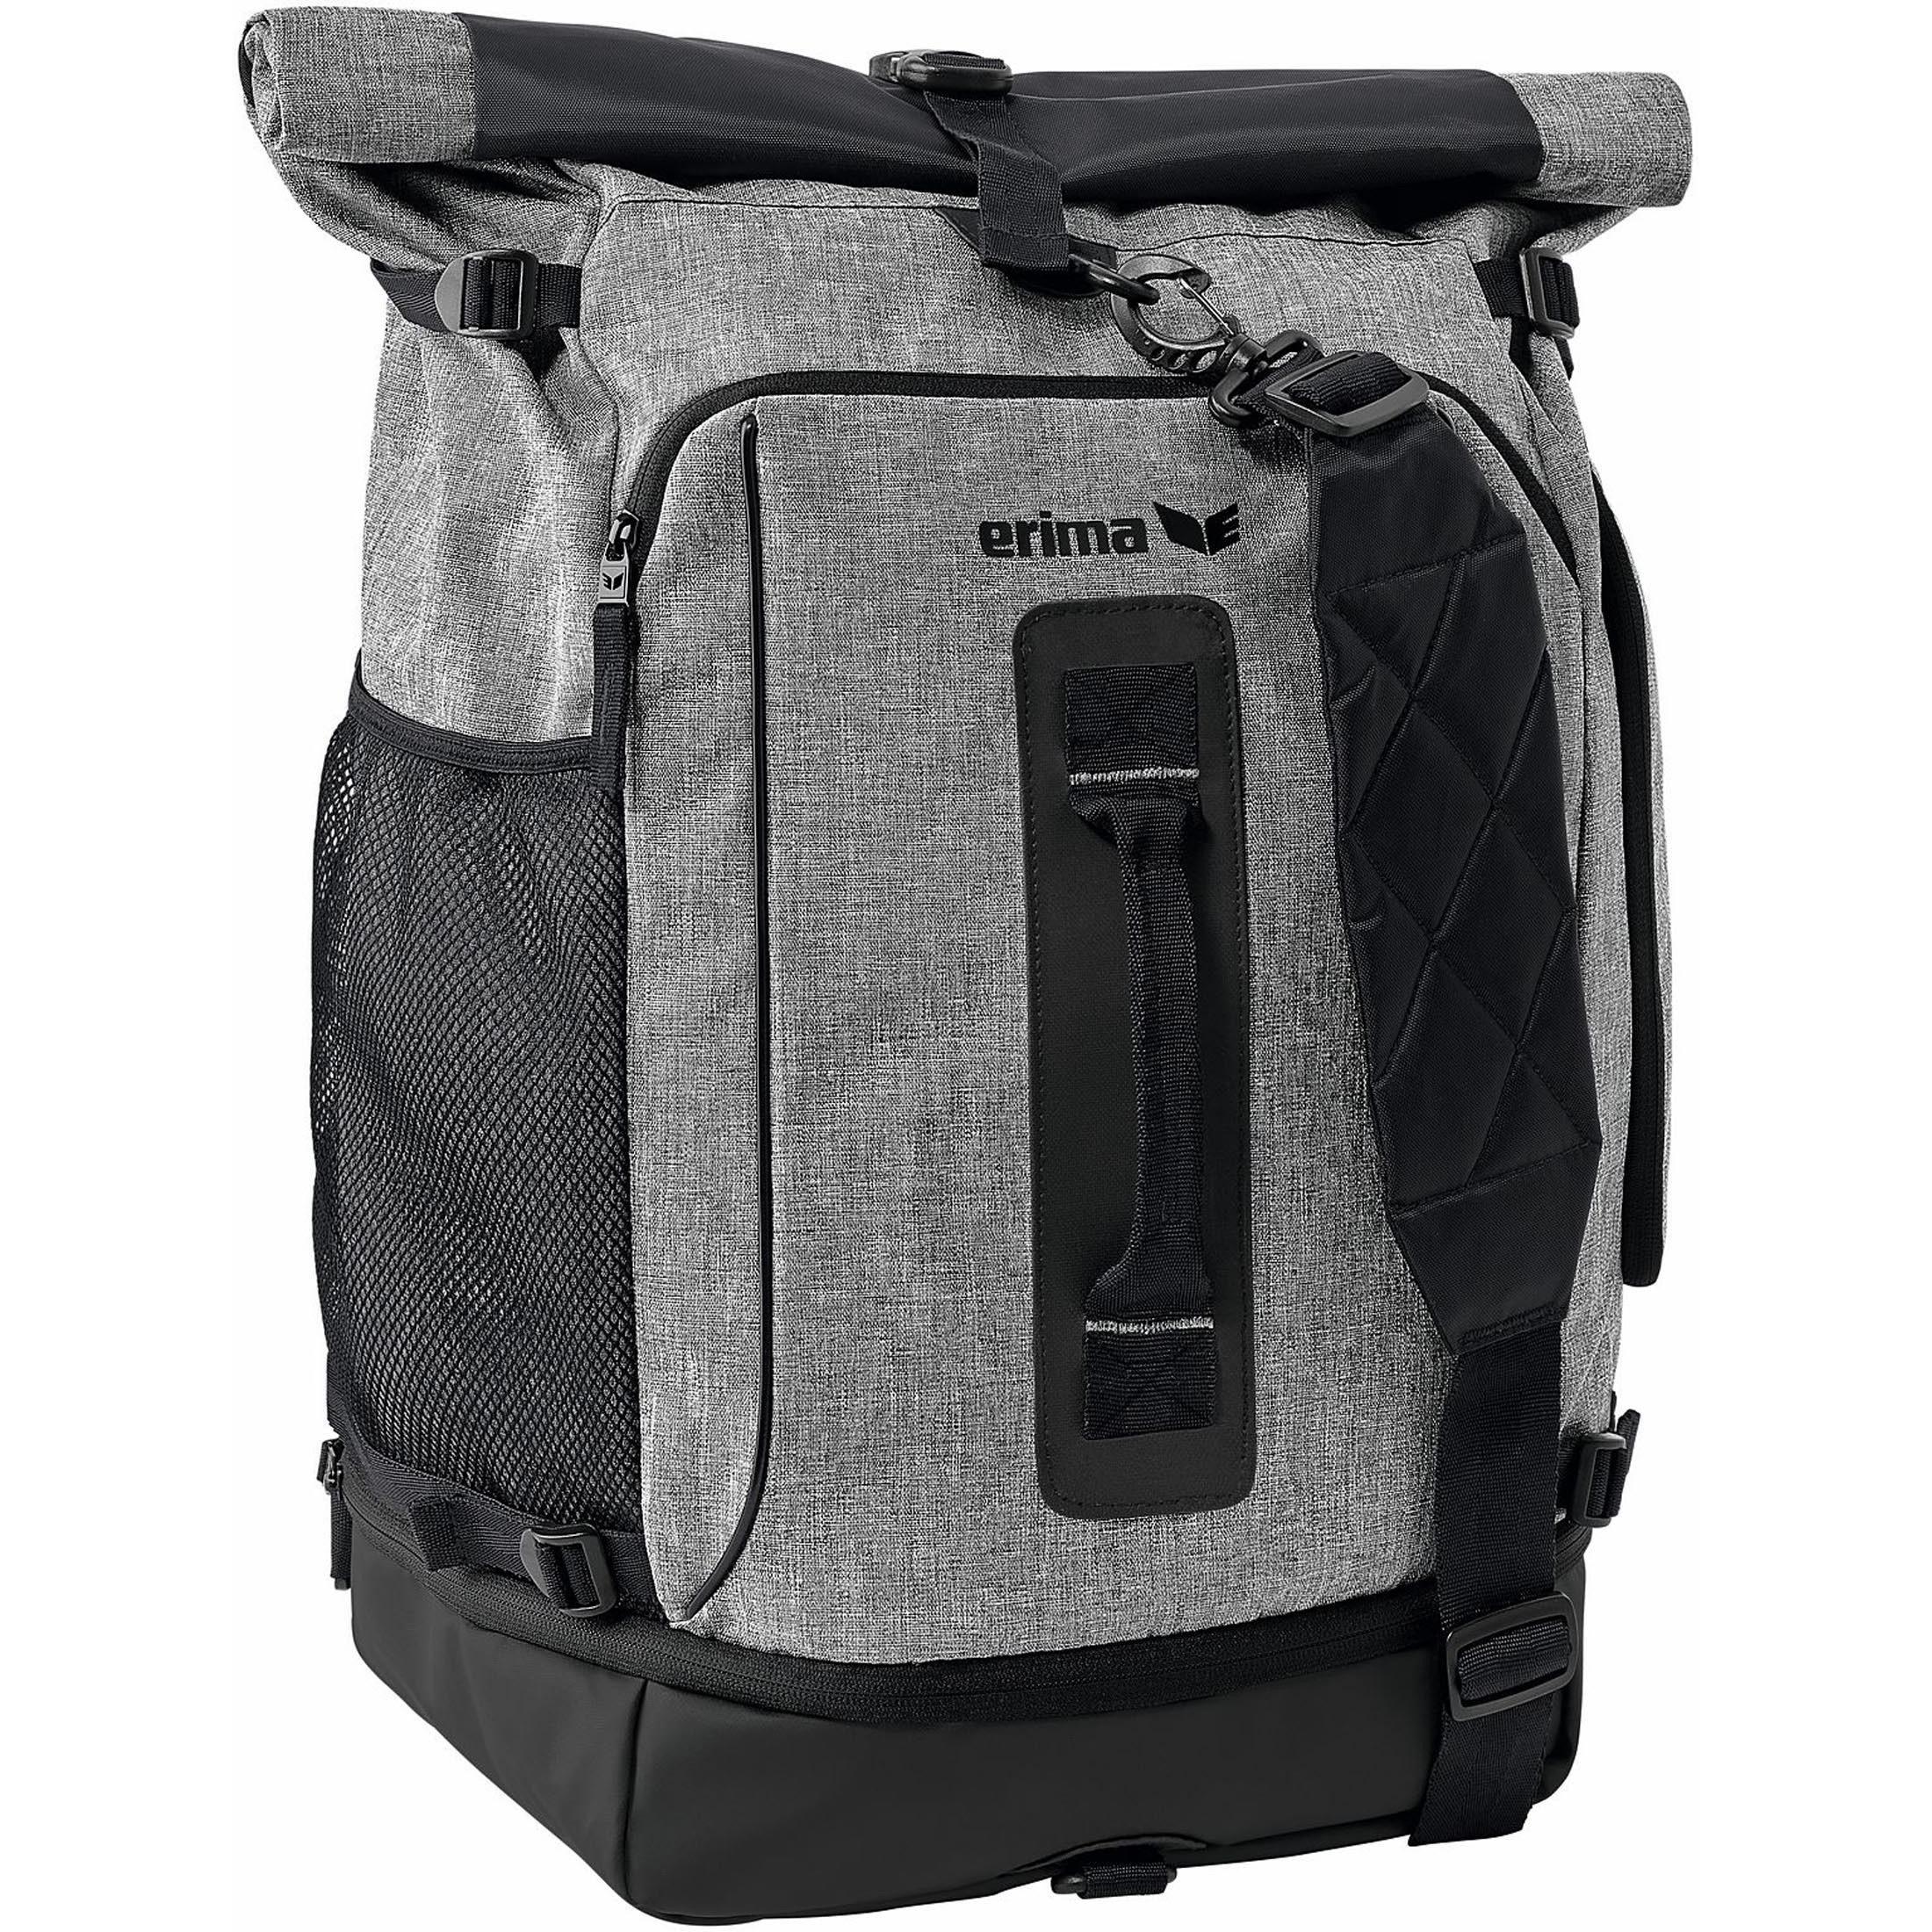 Erima Travel Pack Sporttasche